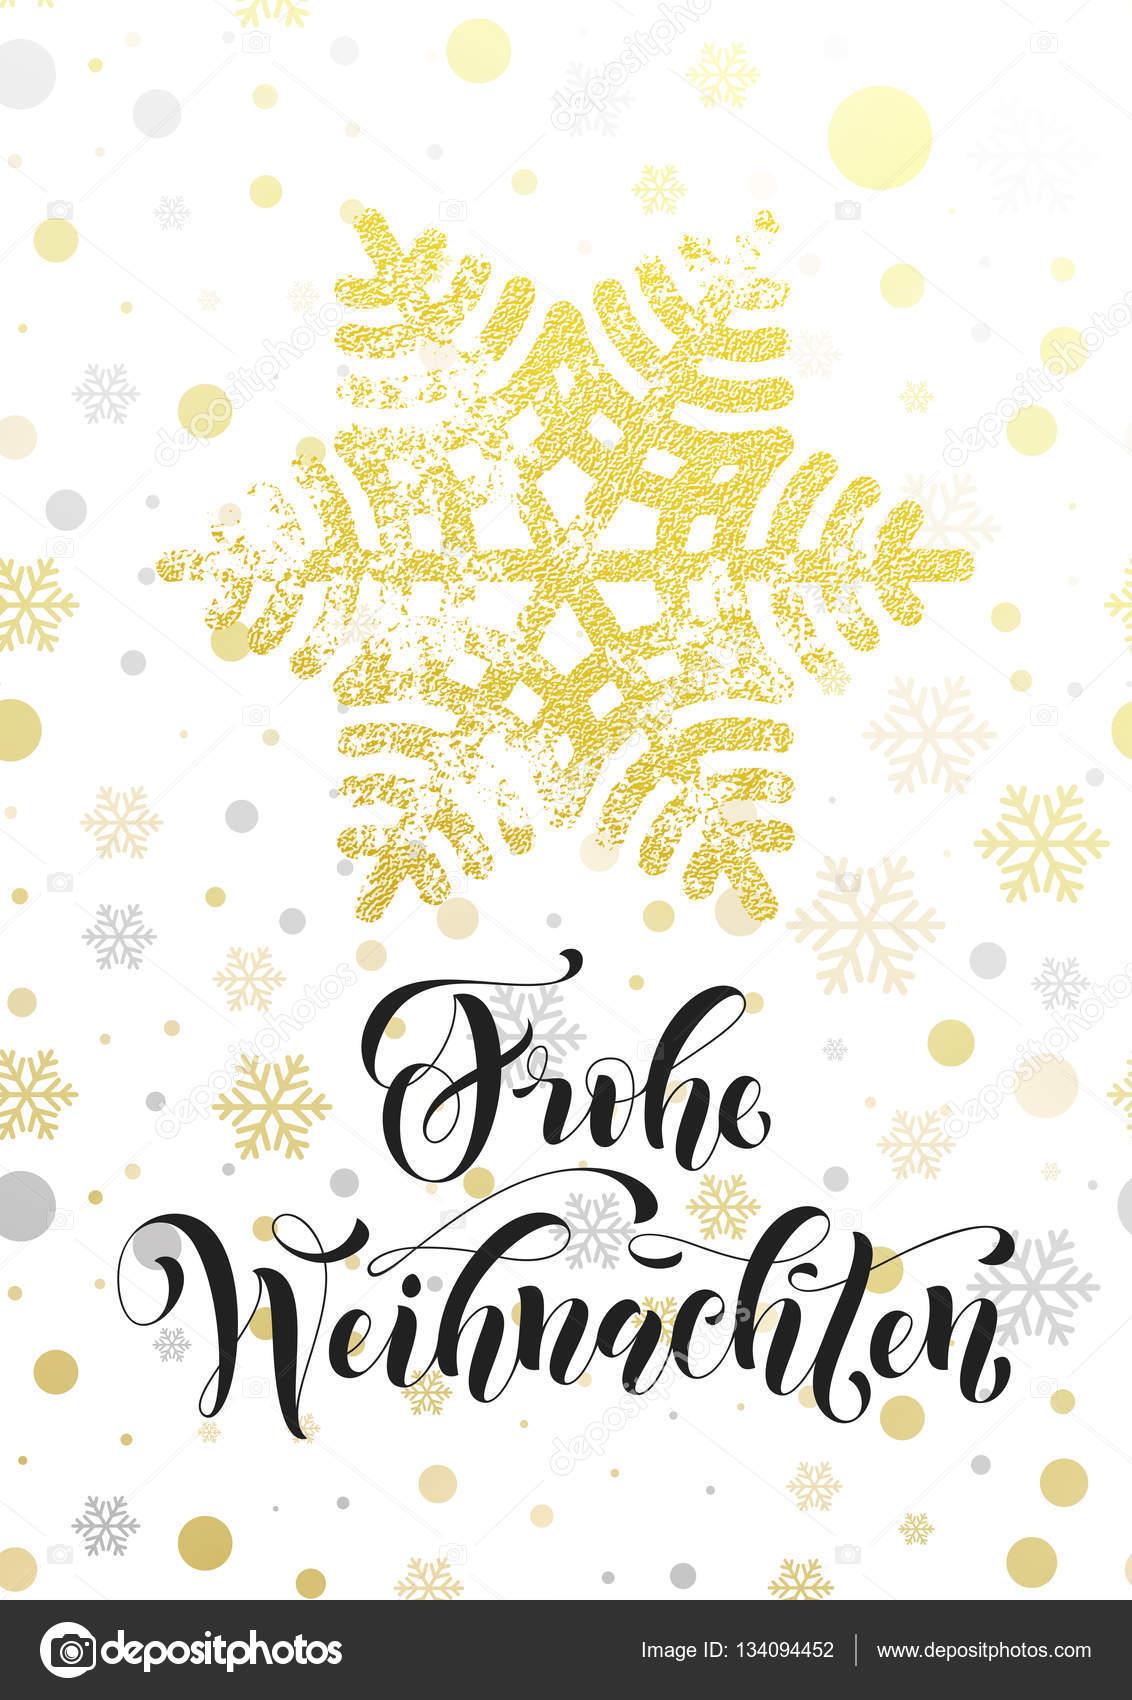 Frohe Weihnachten Glitzer.Merry Christmas German Frohe Weihnachten Poster Golden Glitter